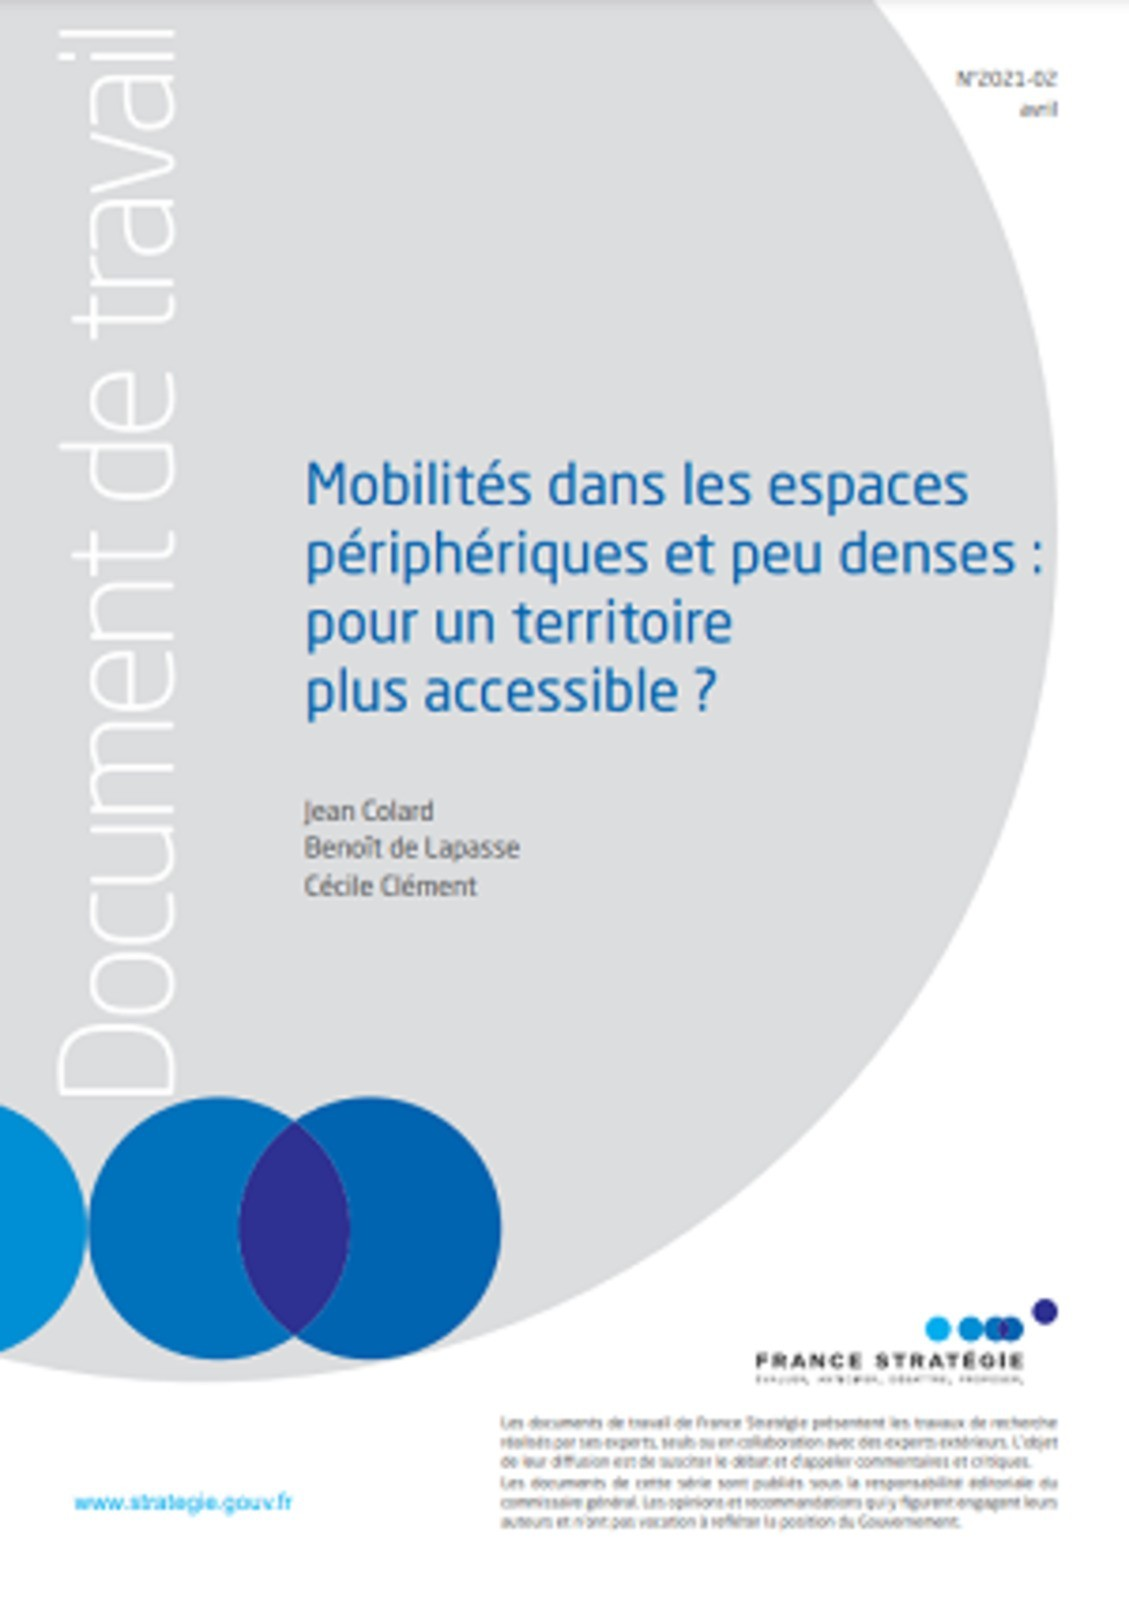 Mobilités dans les espaces périphériques et peu denses : pour un territoire plus accessible ?